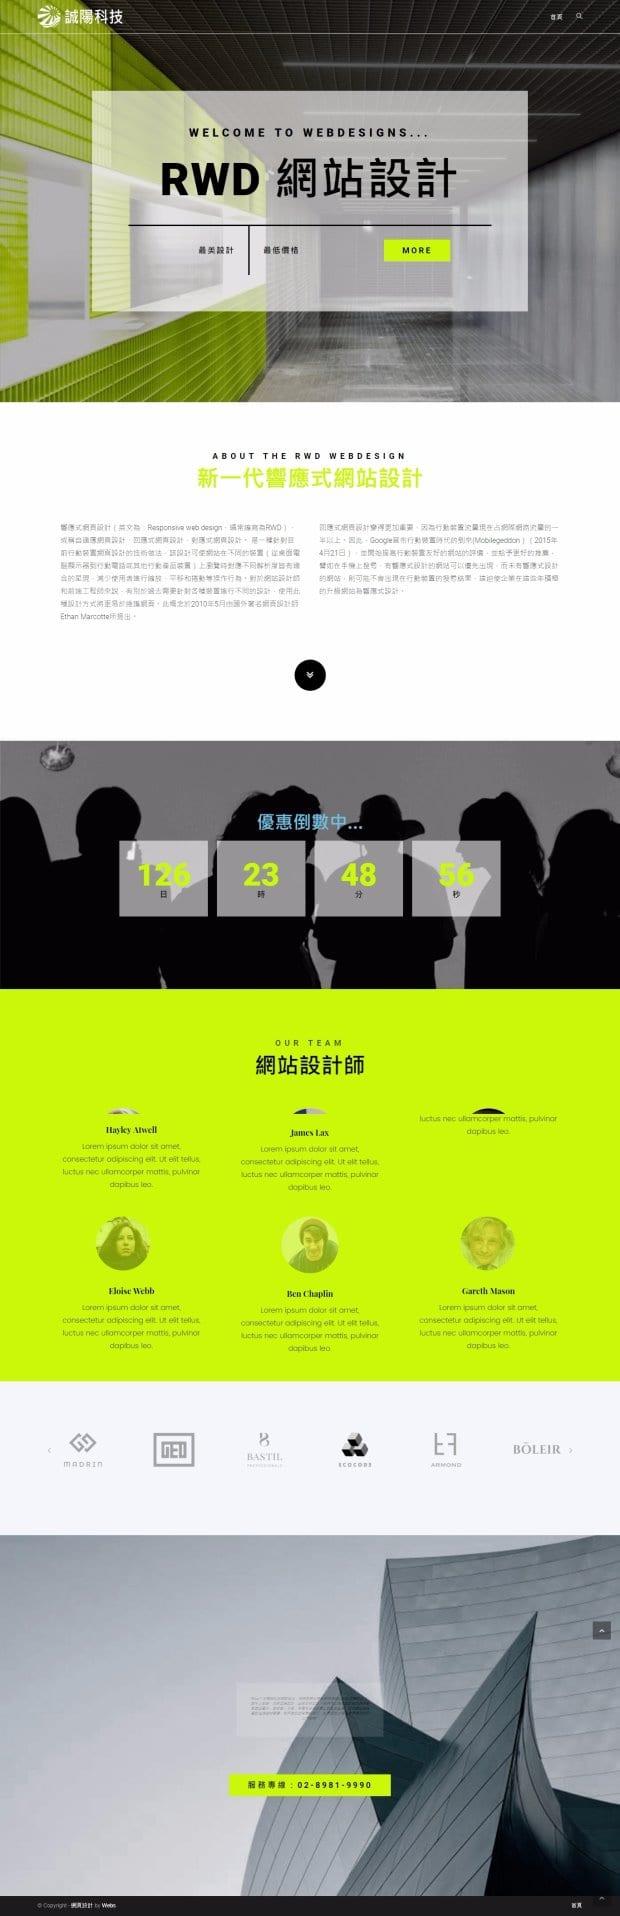 網頁設計-風格14-1